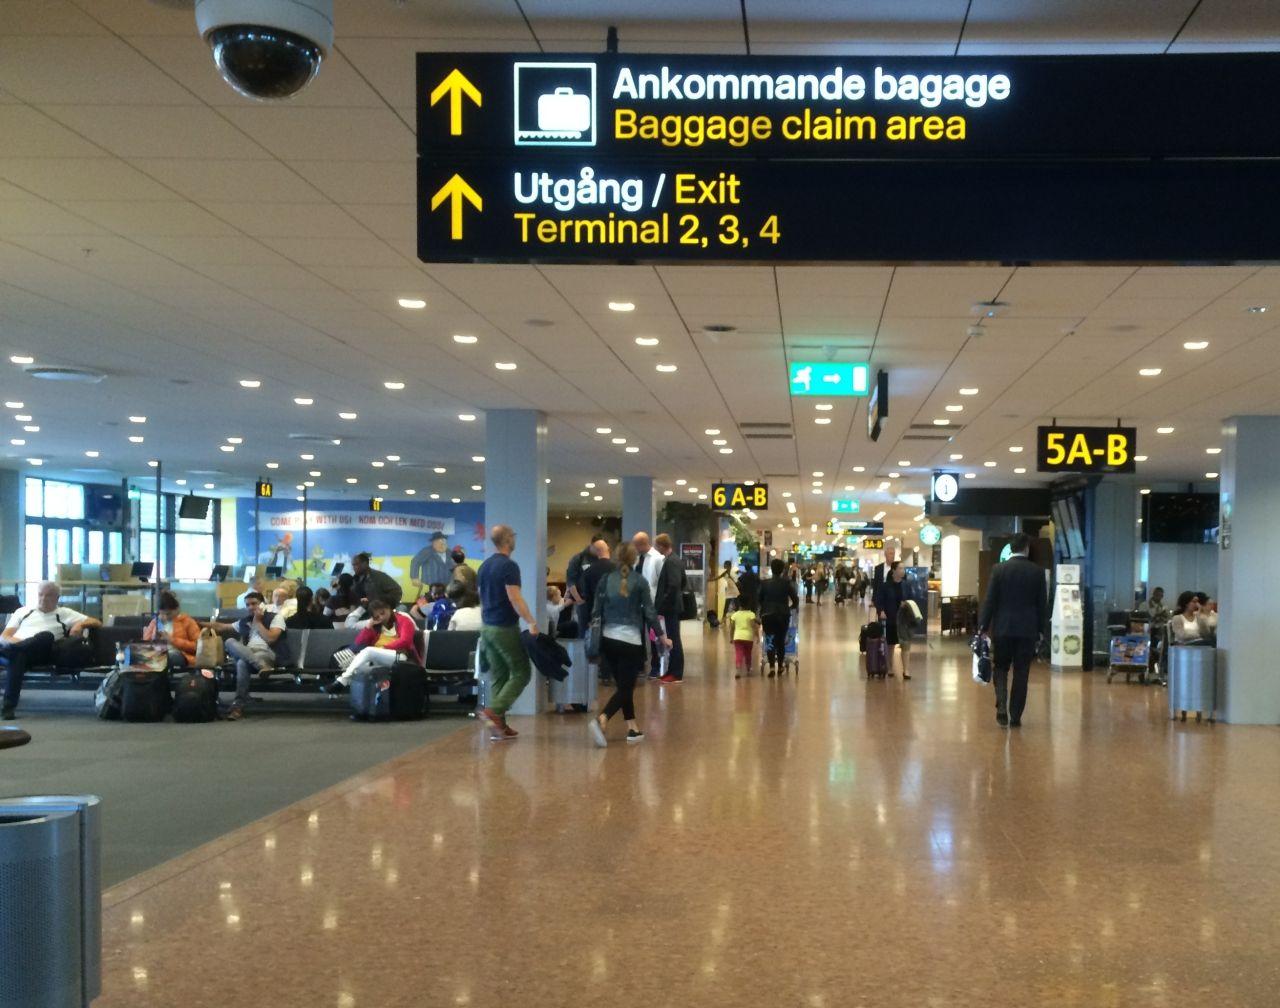 فرودگاه استکهلم